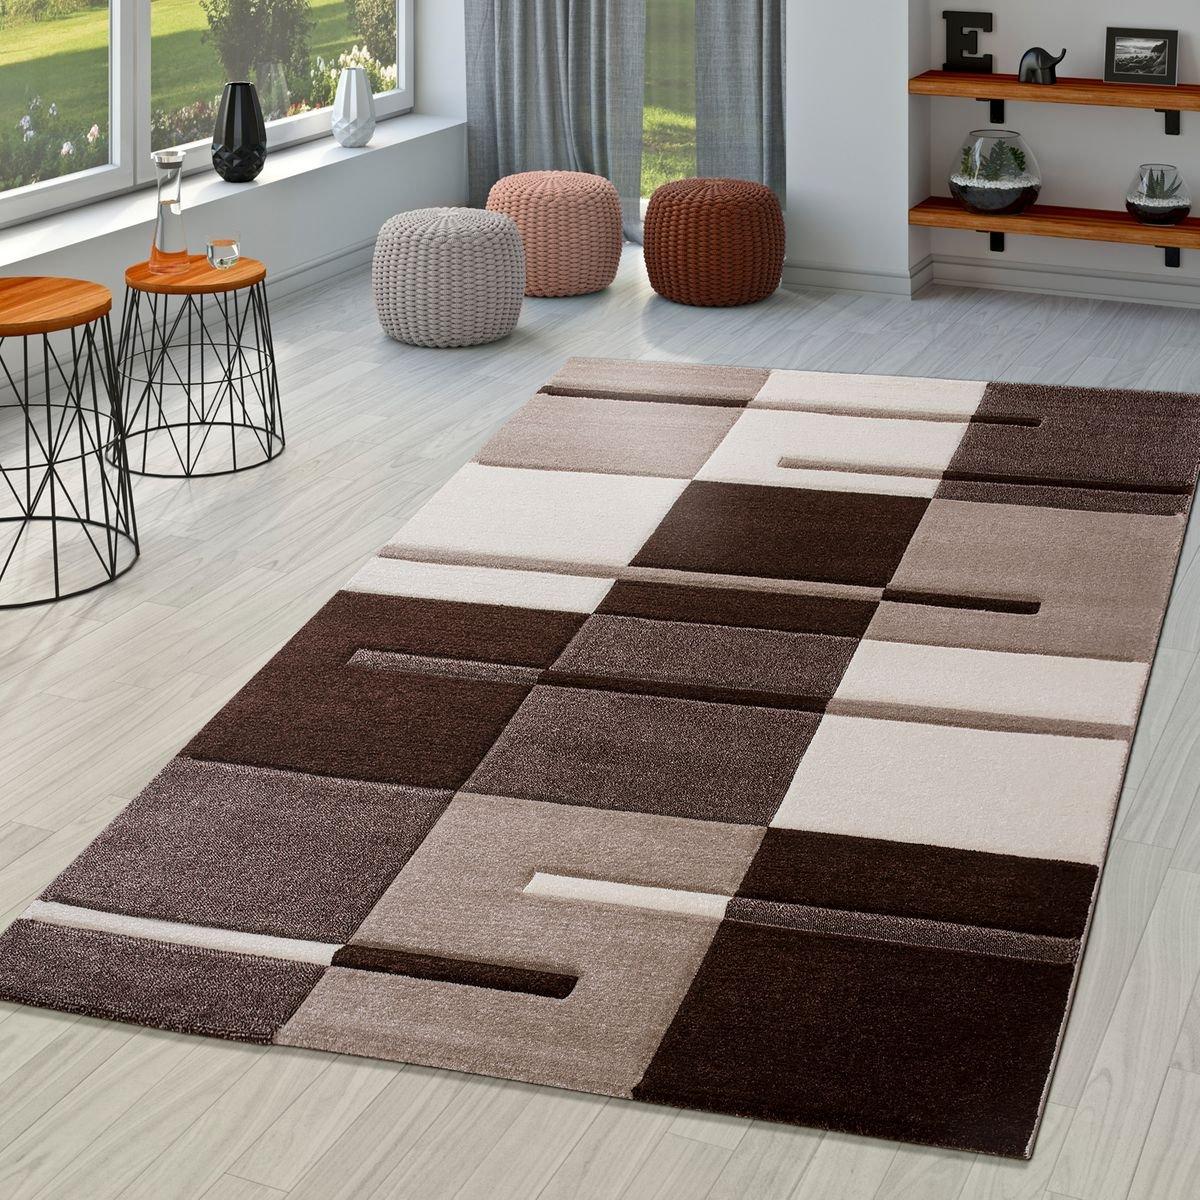 T&T Design Moderner Wohnzimmer Teppich Braun Beige Creme Karo Muster mit Konturenschnitt, Größe 160x230 cm